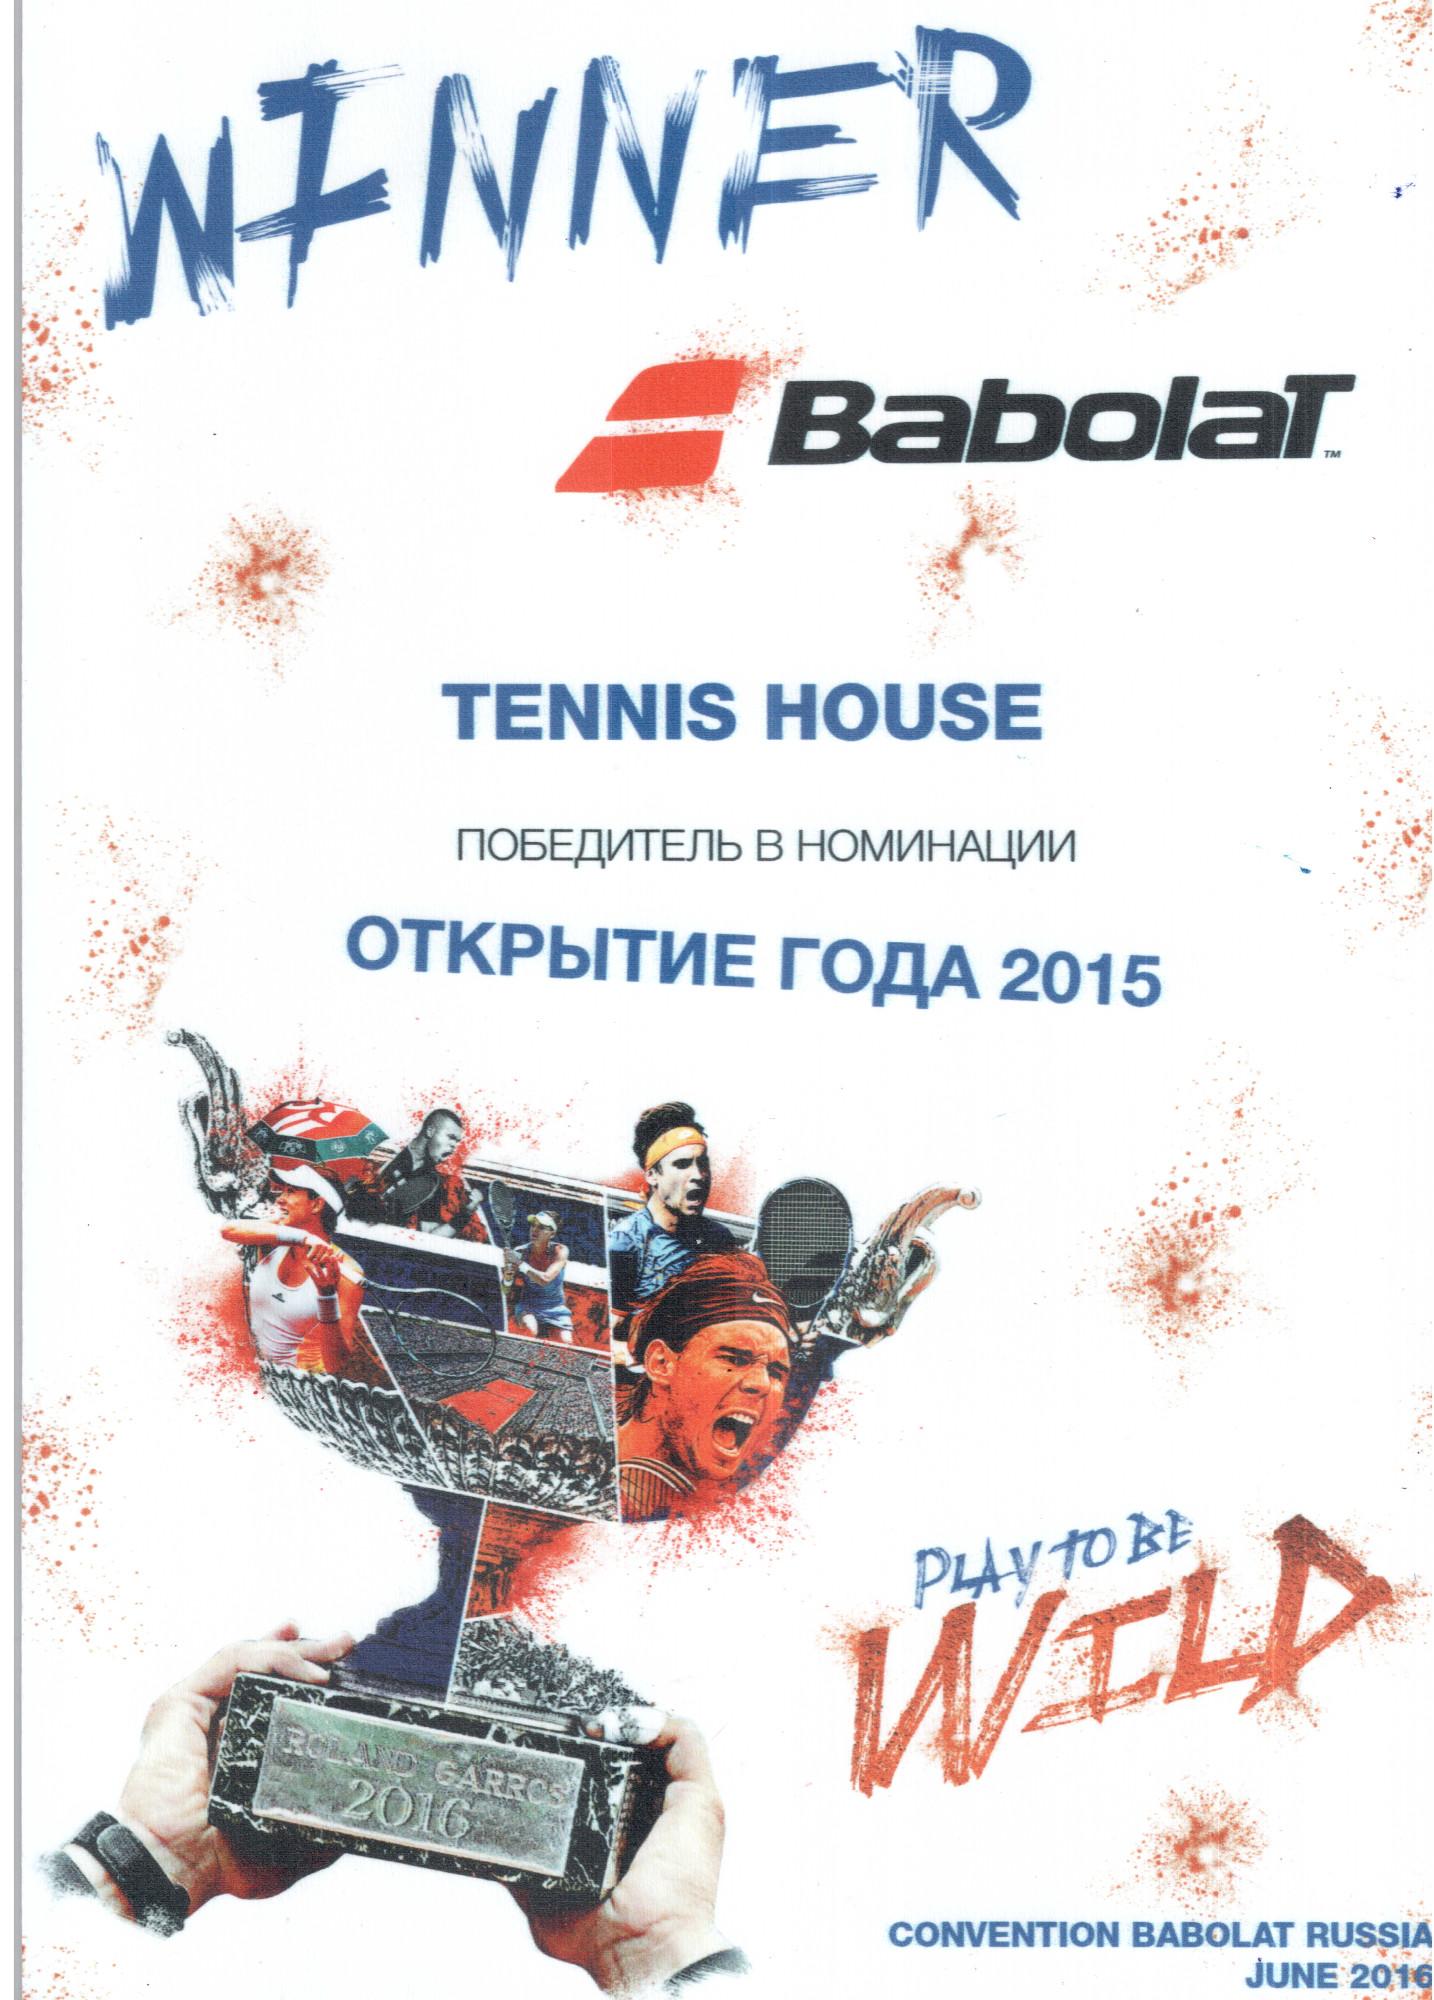 TennisHouse Babolat Award